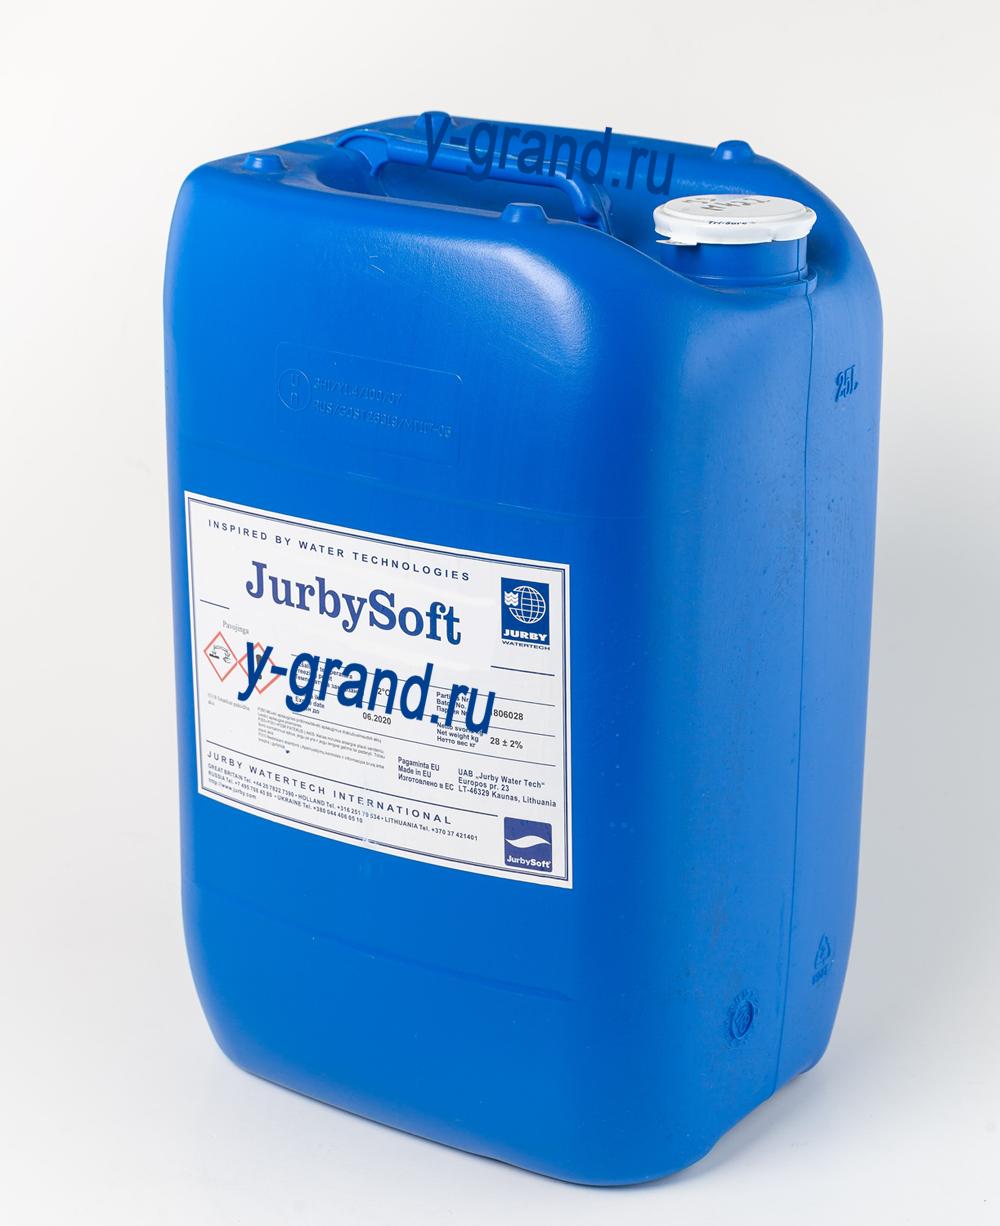 JurbySoft 32